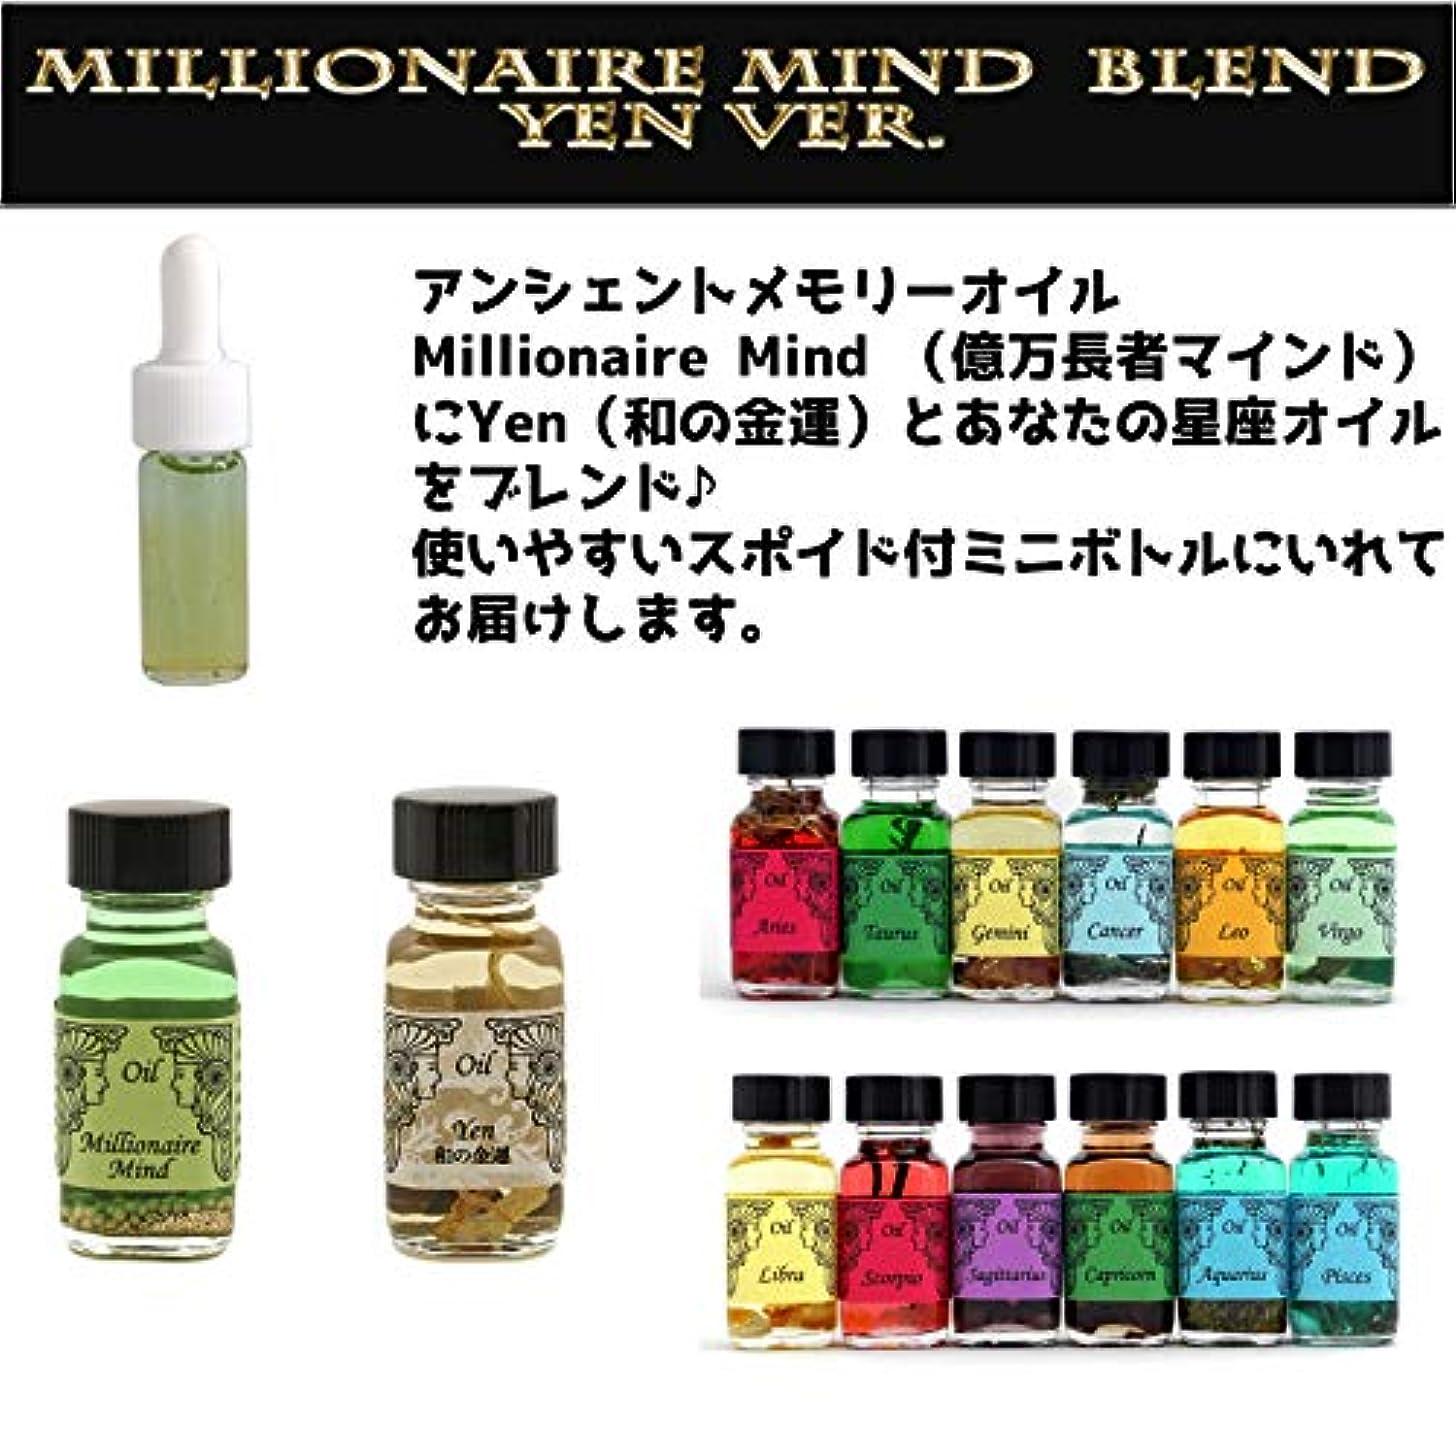 絶縁するクリアもっともらしいアンシェントメモリーオイル Millionaire Mind 億万長者マインド ブレンド【Yen 和の金運&いて座】